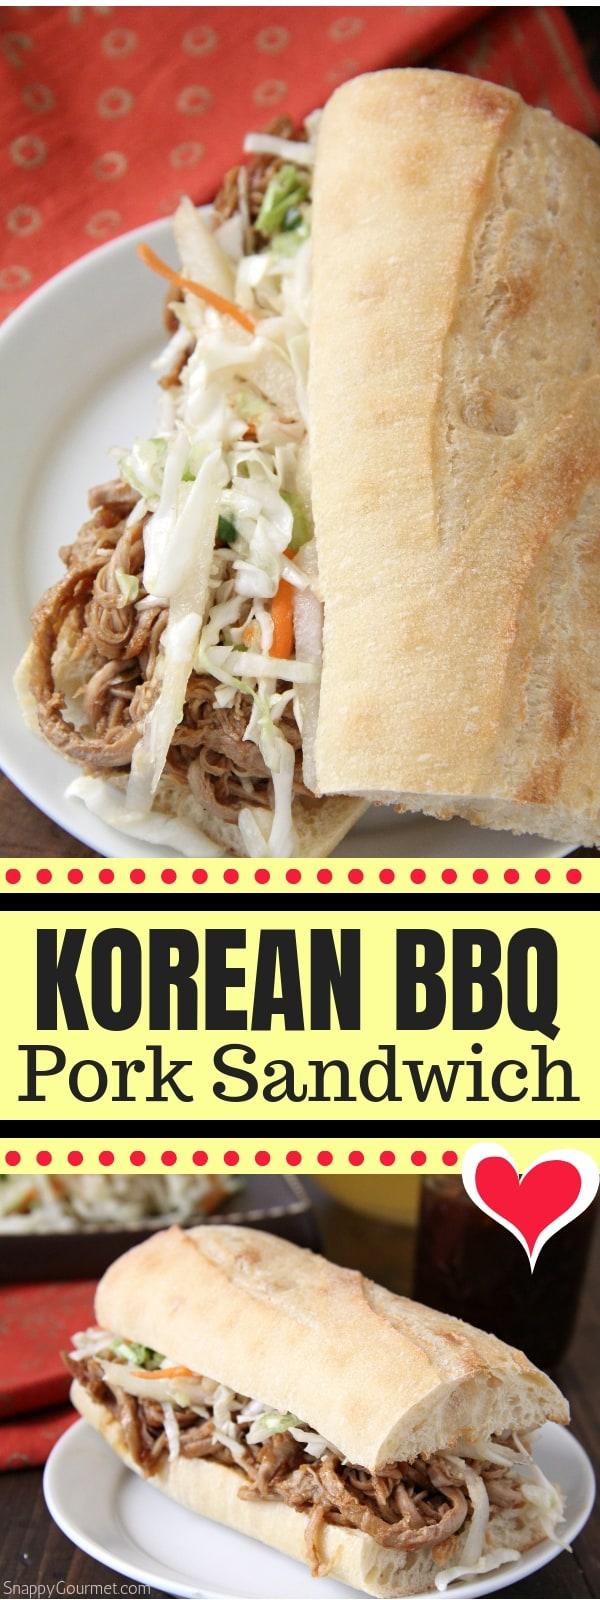 Korean BBQ Pork Sandwich collage